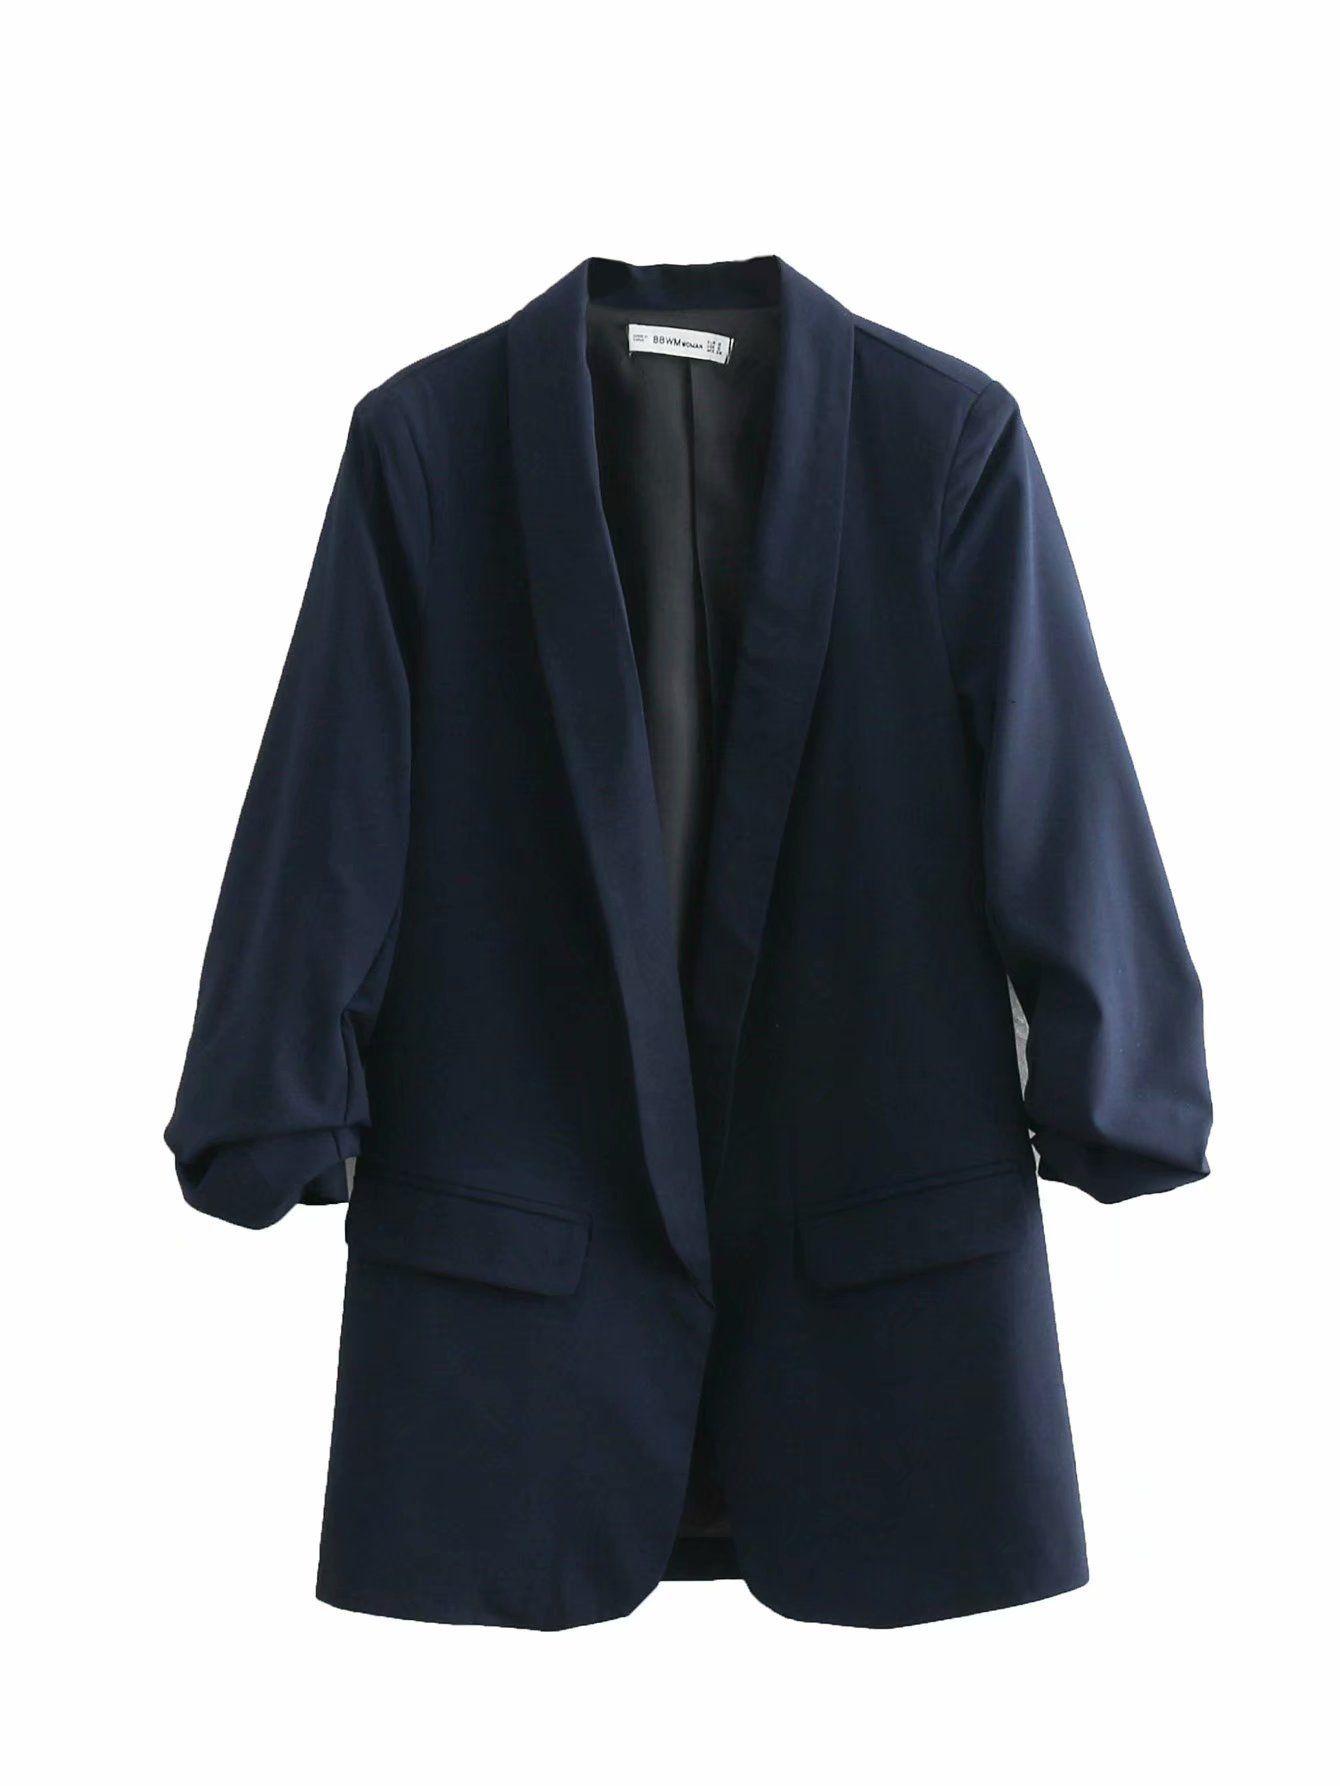 A1 # 2019 Весна новый стиль Западный стиль Чжэ чжоу Сю Versitile вскользь пиджак